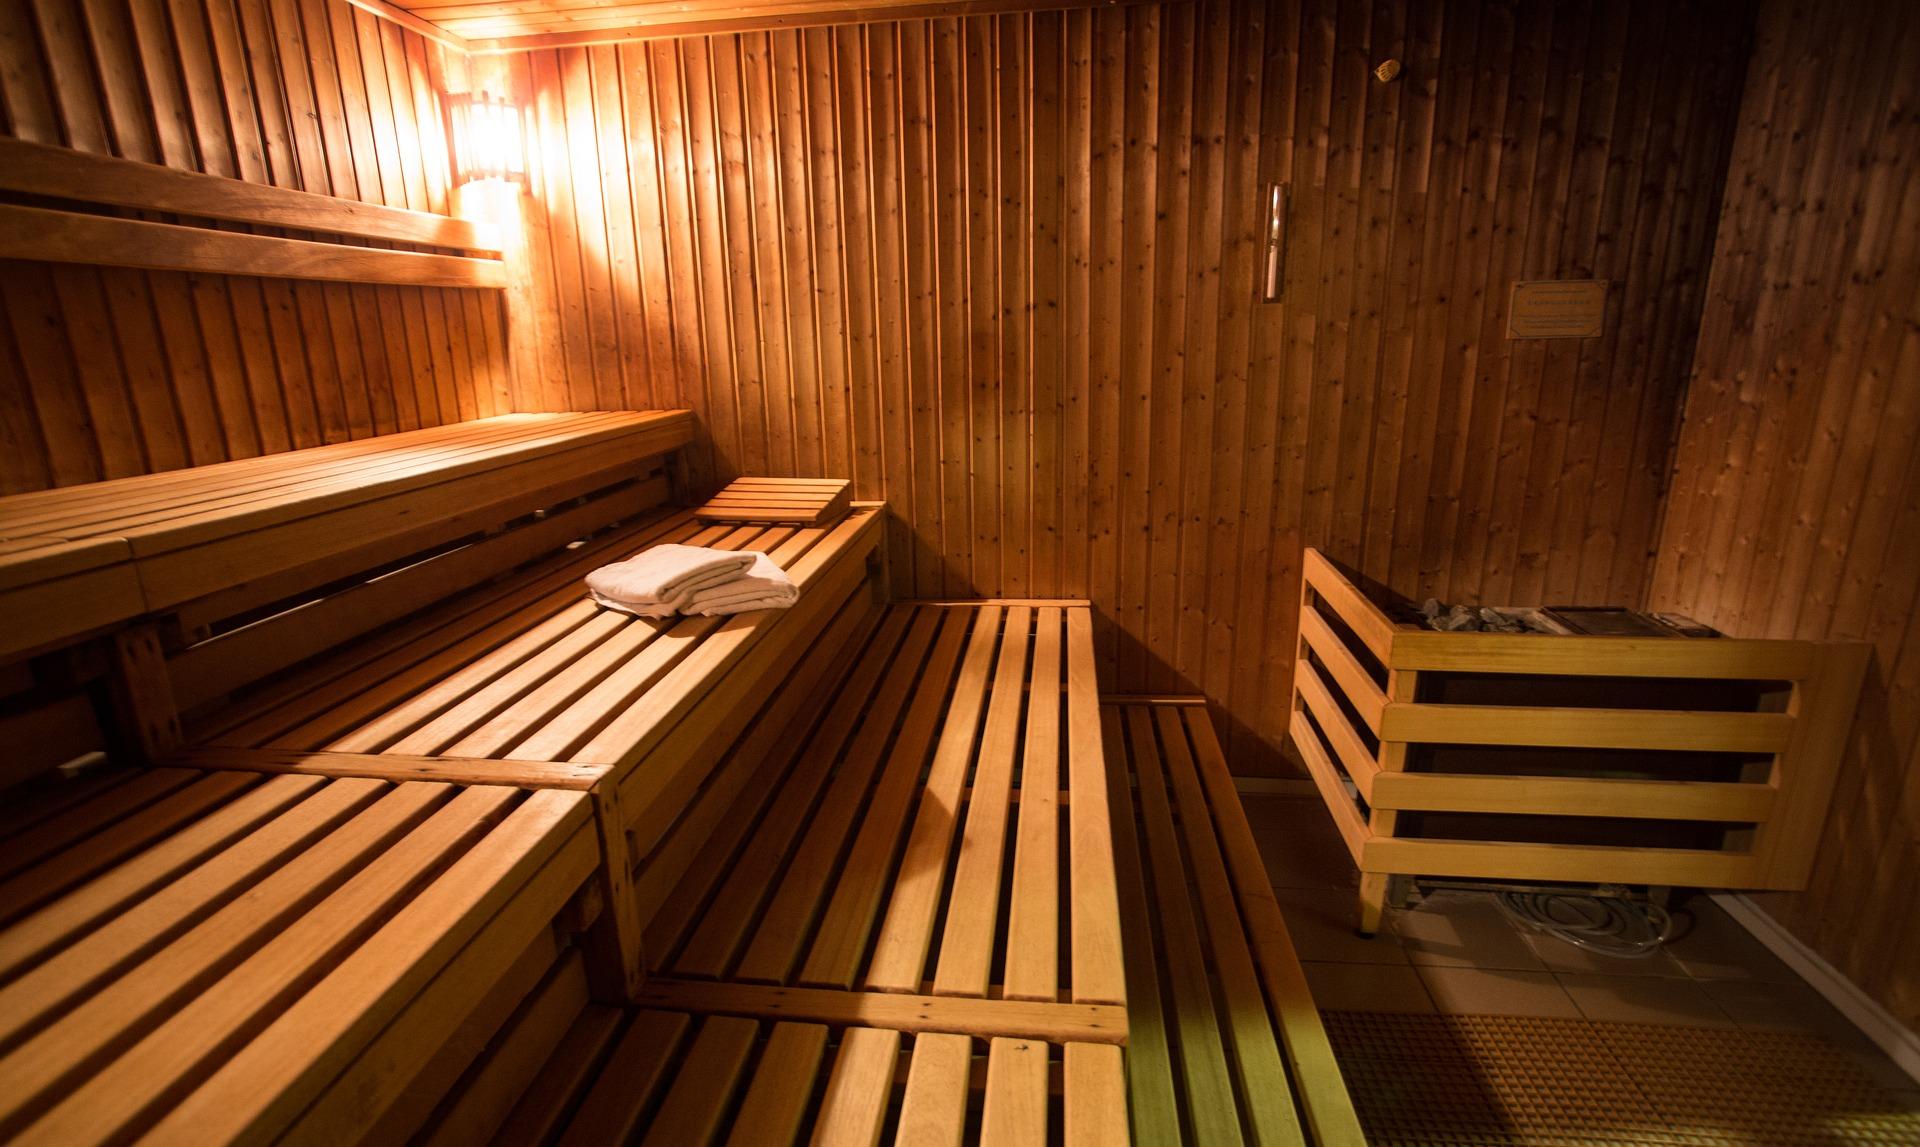 sauna-2844863_1920